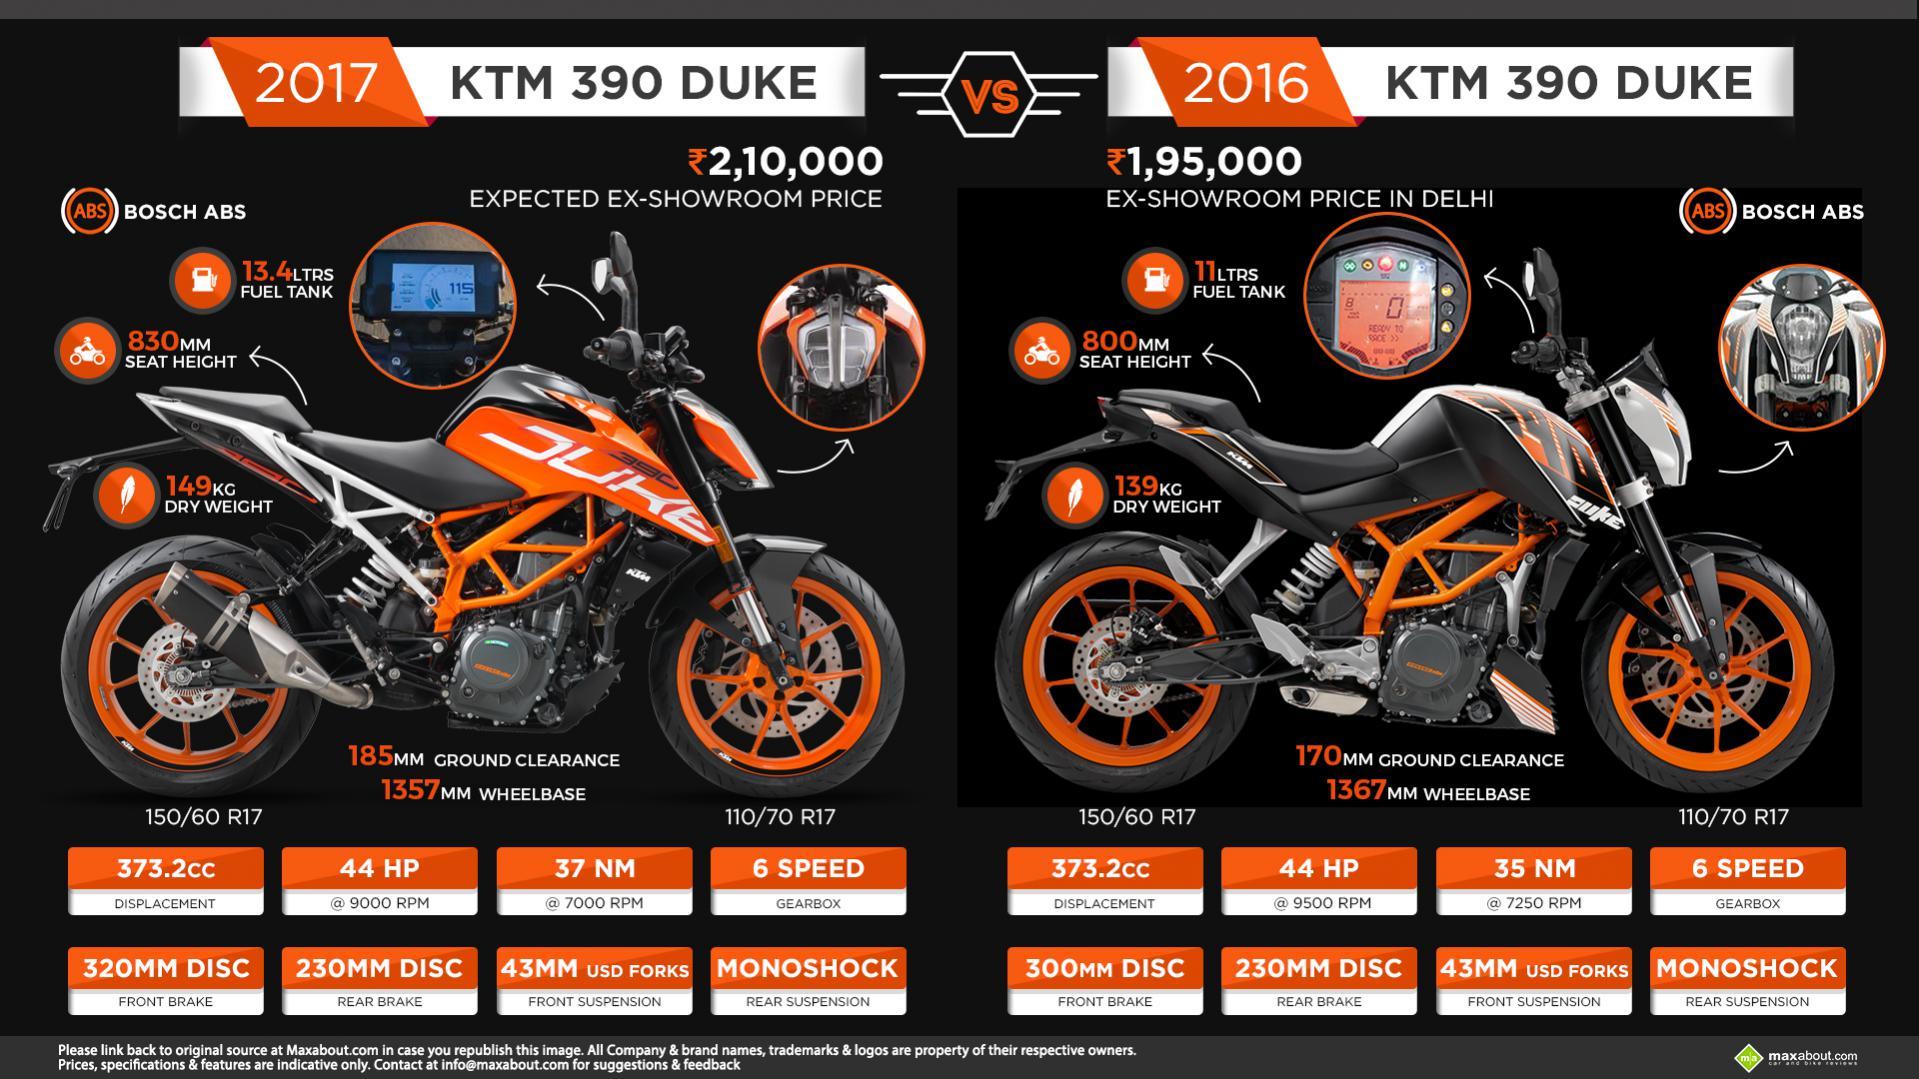 basic 2016 vs 2017 model comparison - ktm duke 390 forum